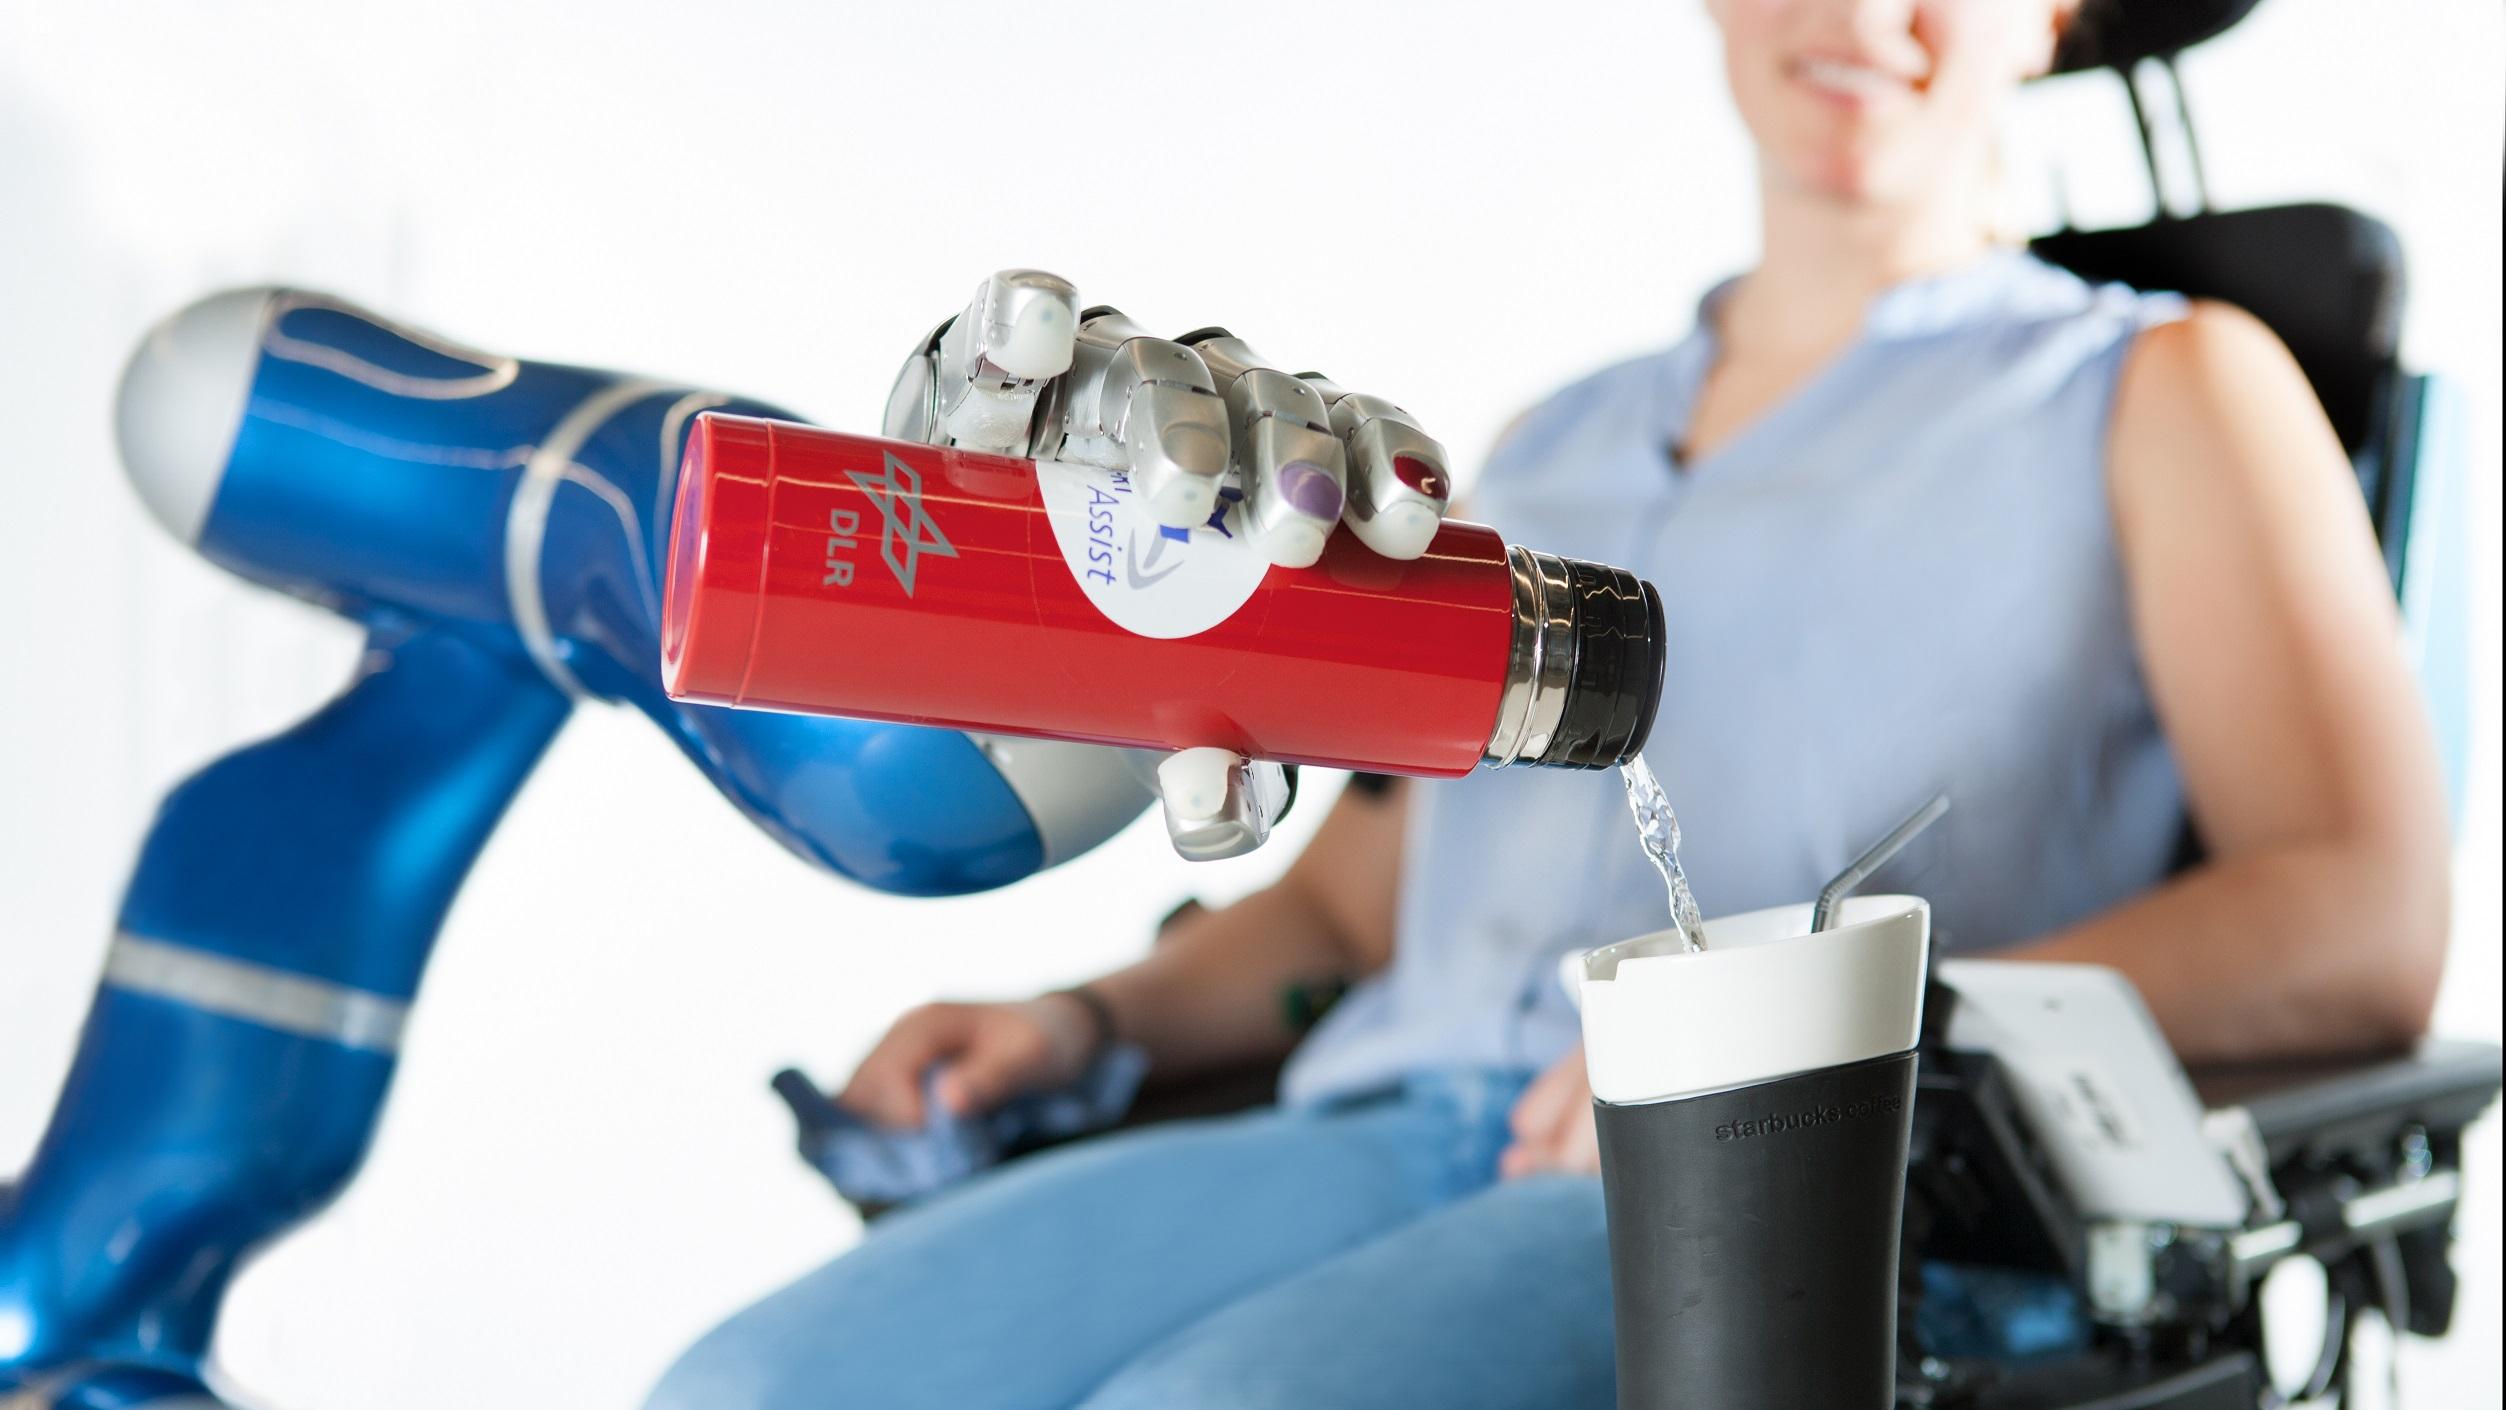 Der intelligente Greifarm EDAN kann mittels Muskelsignale Wasser in ein Glas einschenken.